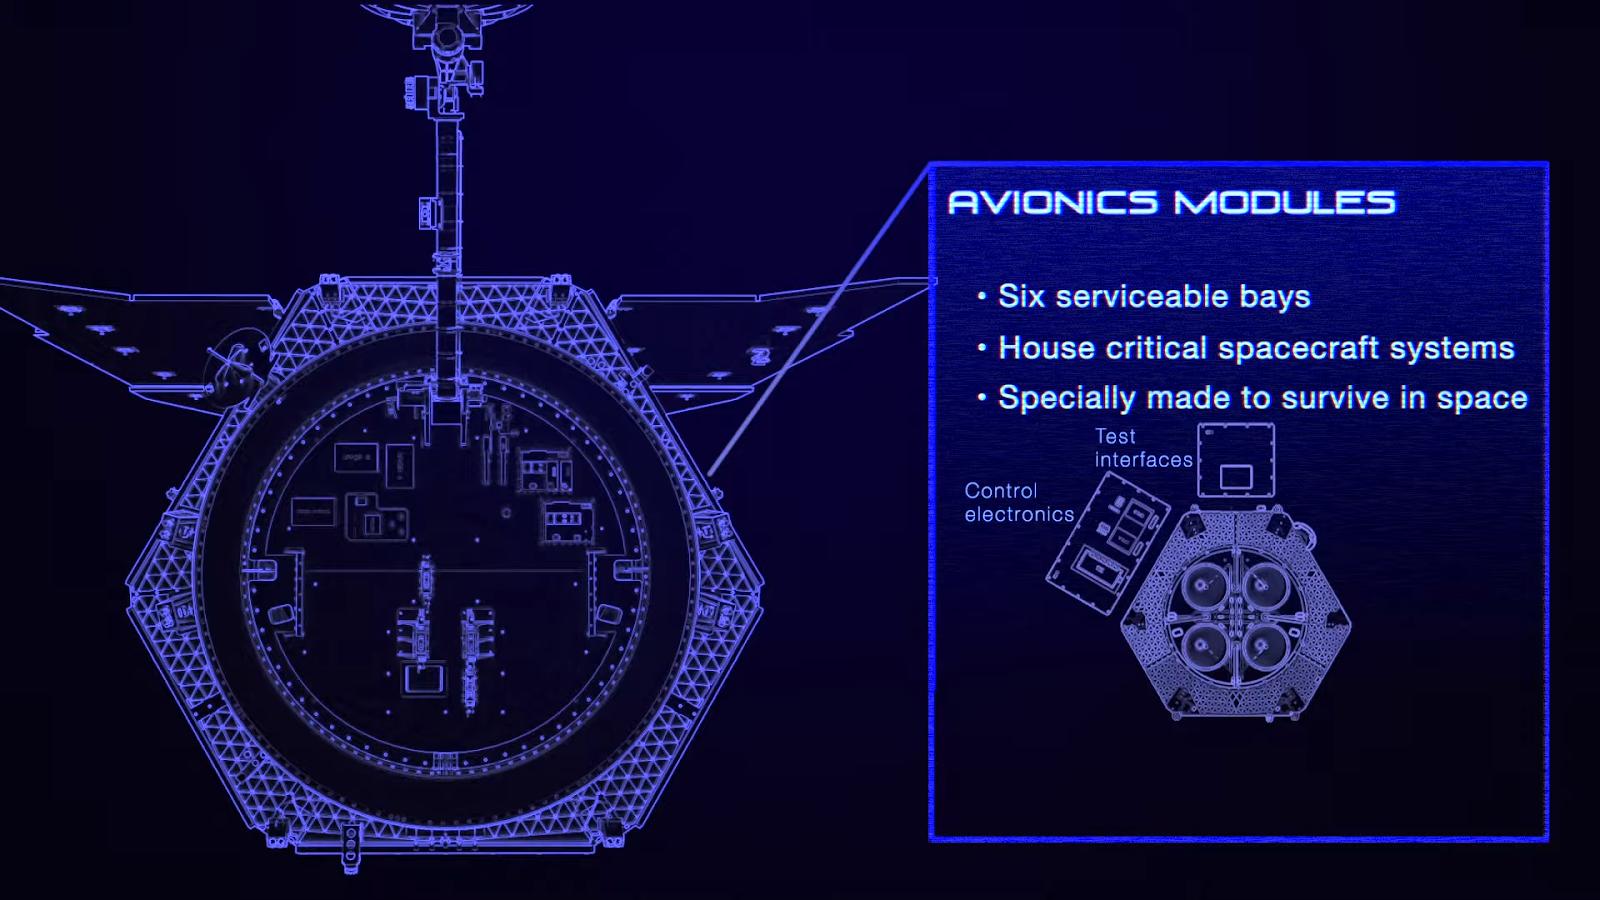 Avionics Modules